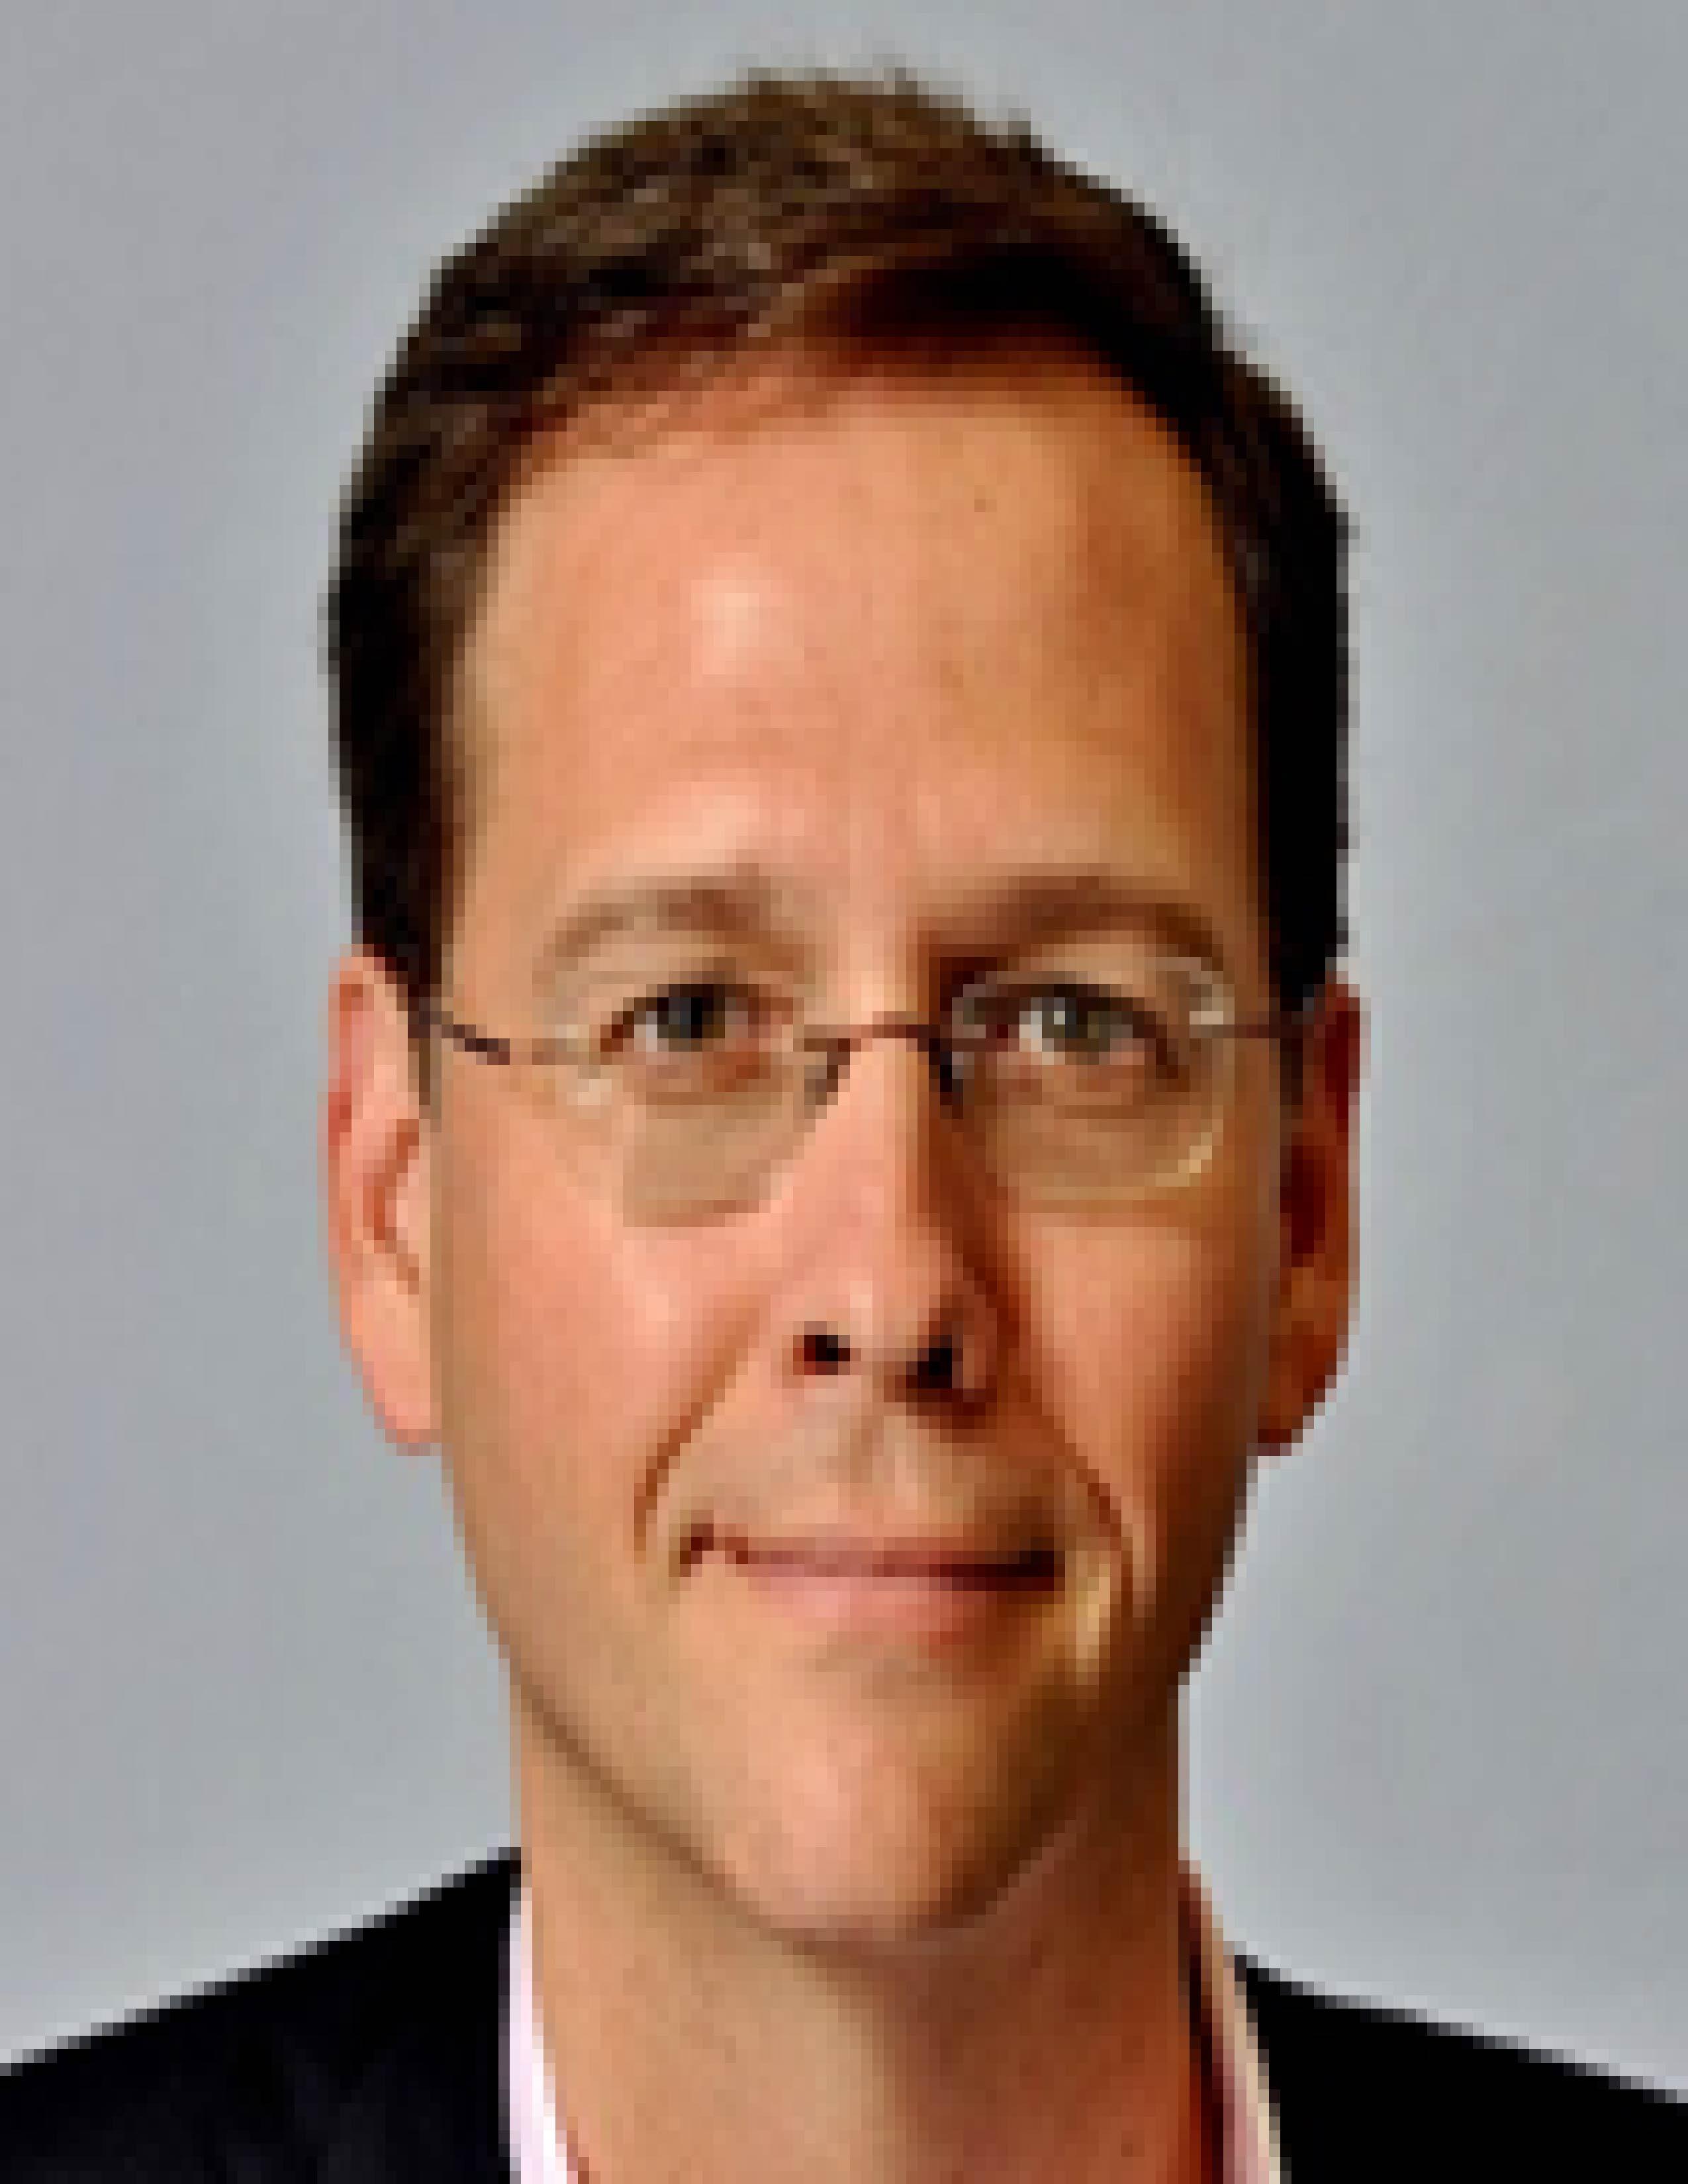 Ed Washecka